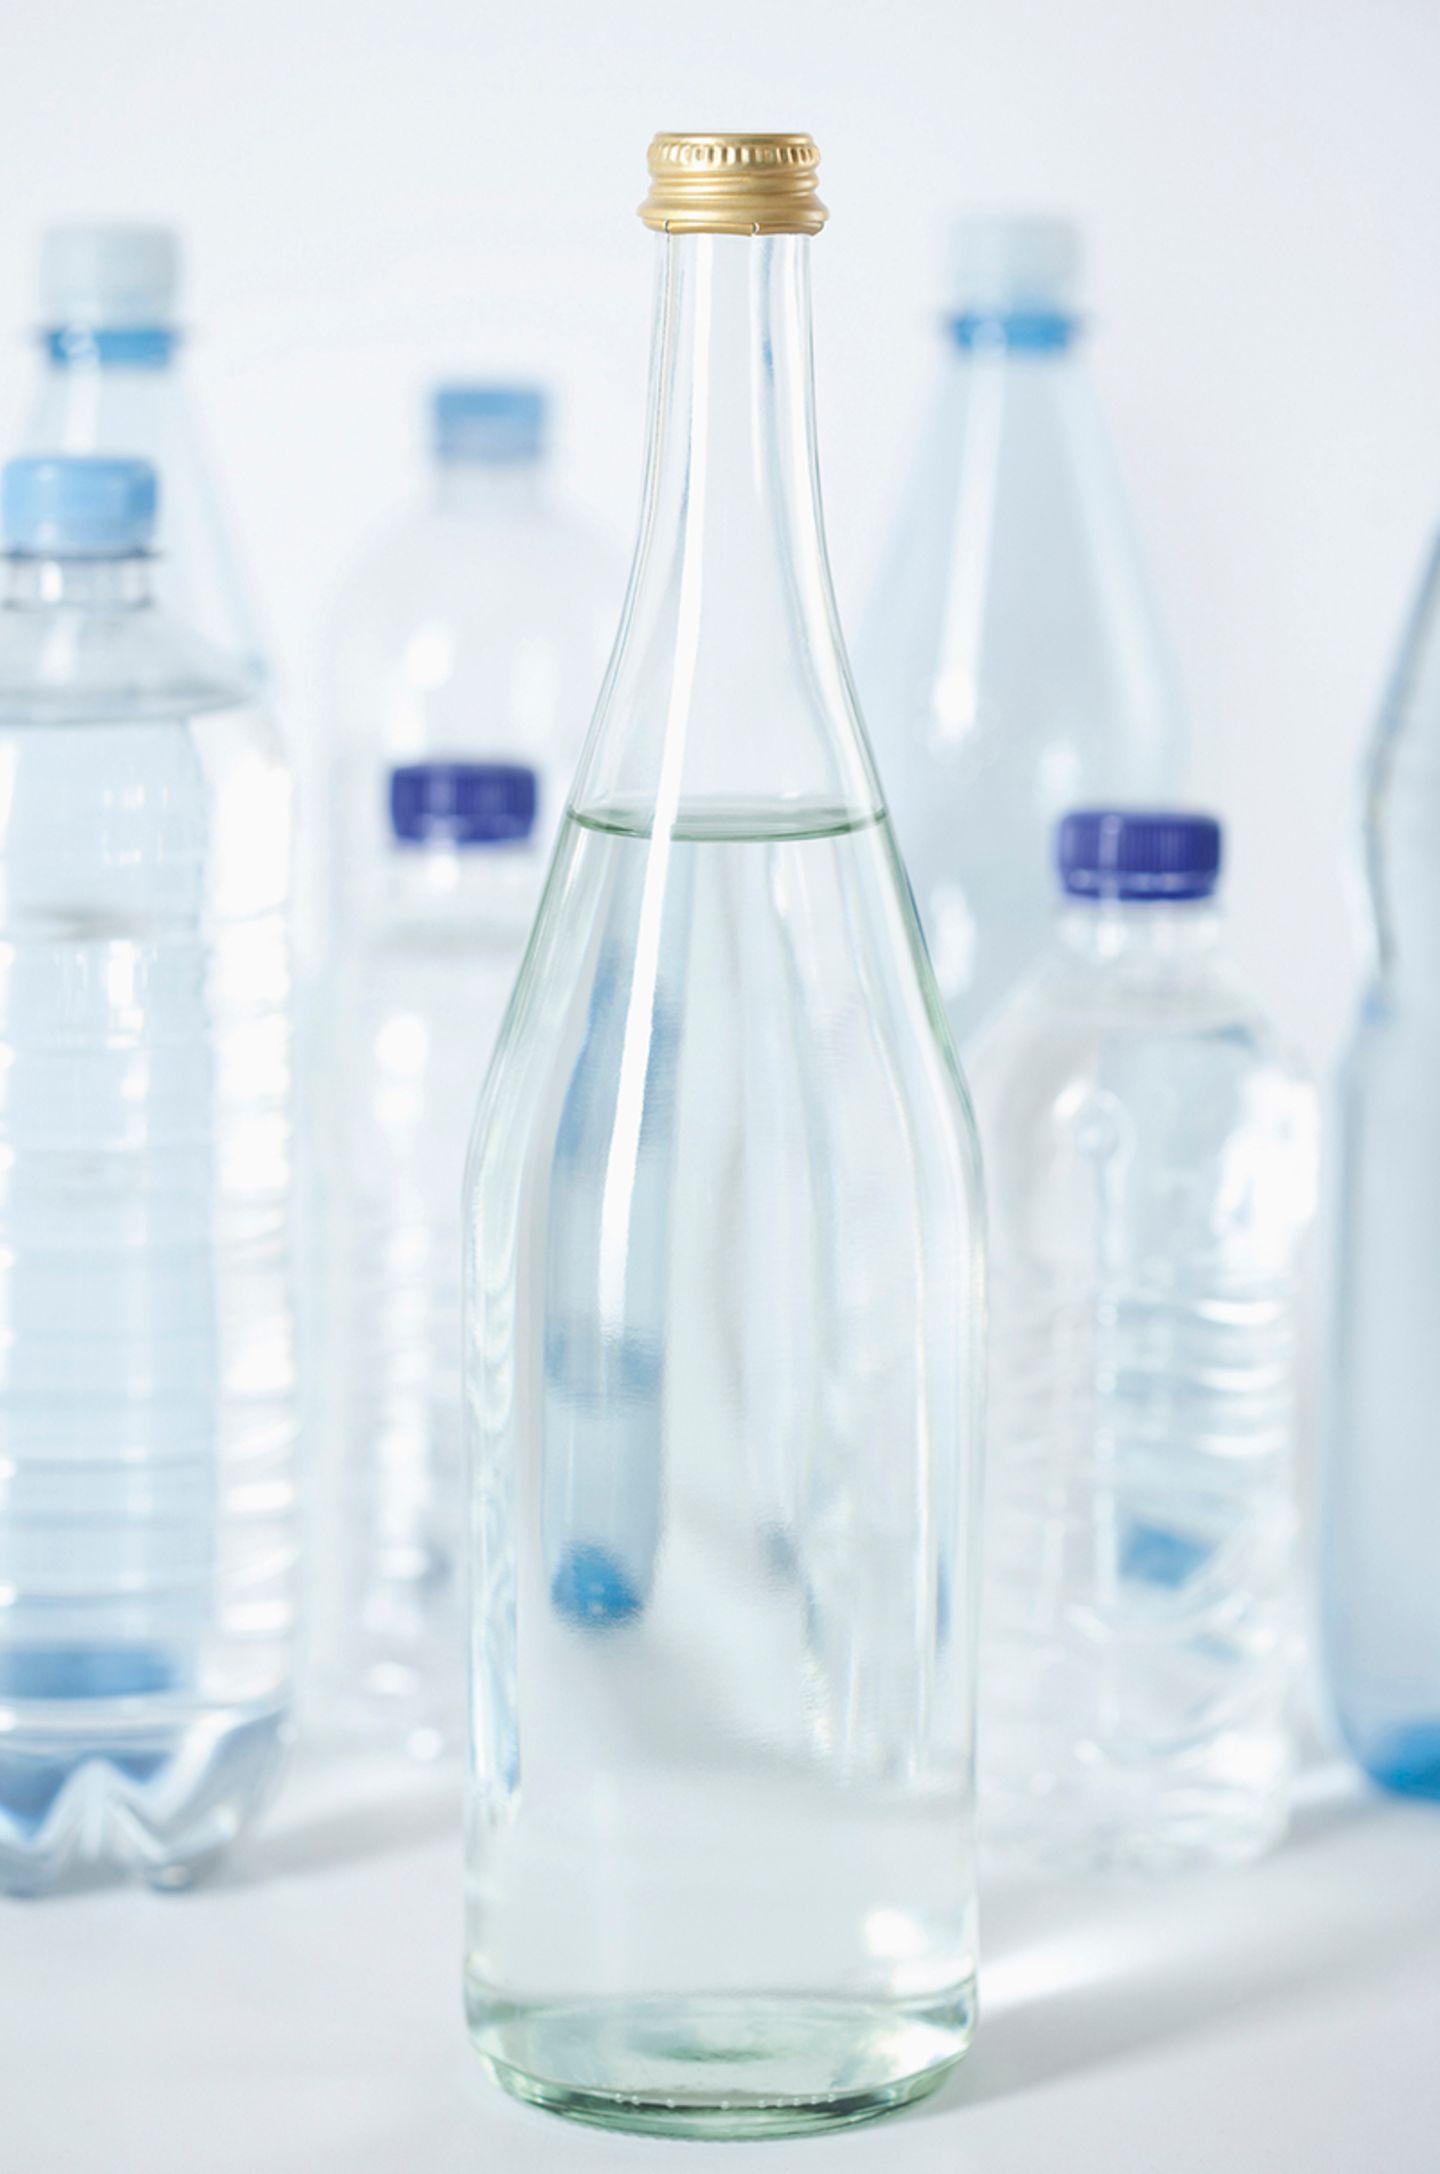 Glasflasche, Plastikflaschen